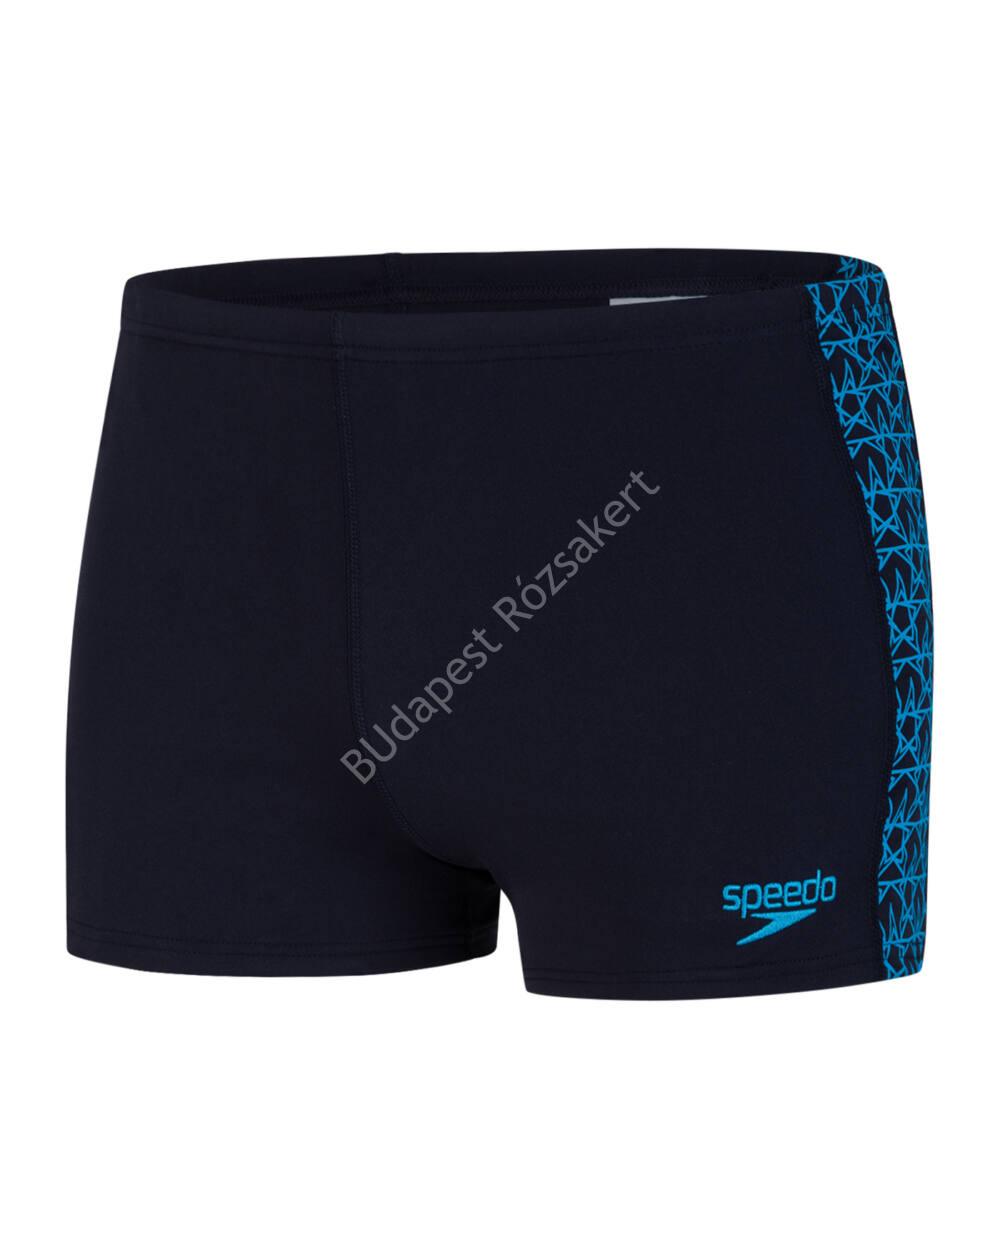 Speedo Boomstar SPL Endurance+ fürdőnadrág, sötétkék, 90cm derékbőség, 36